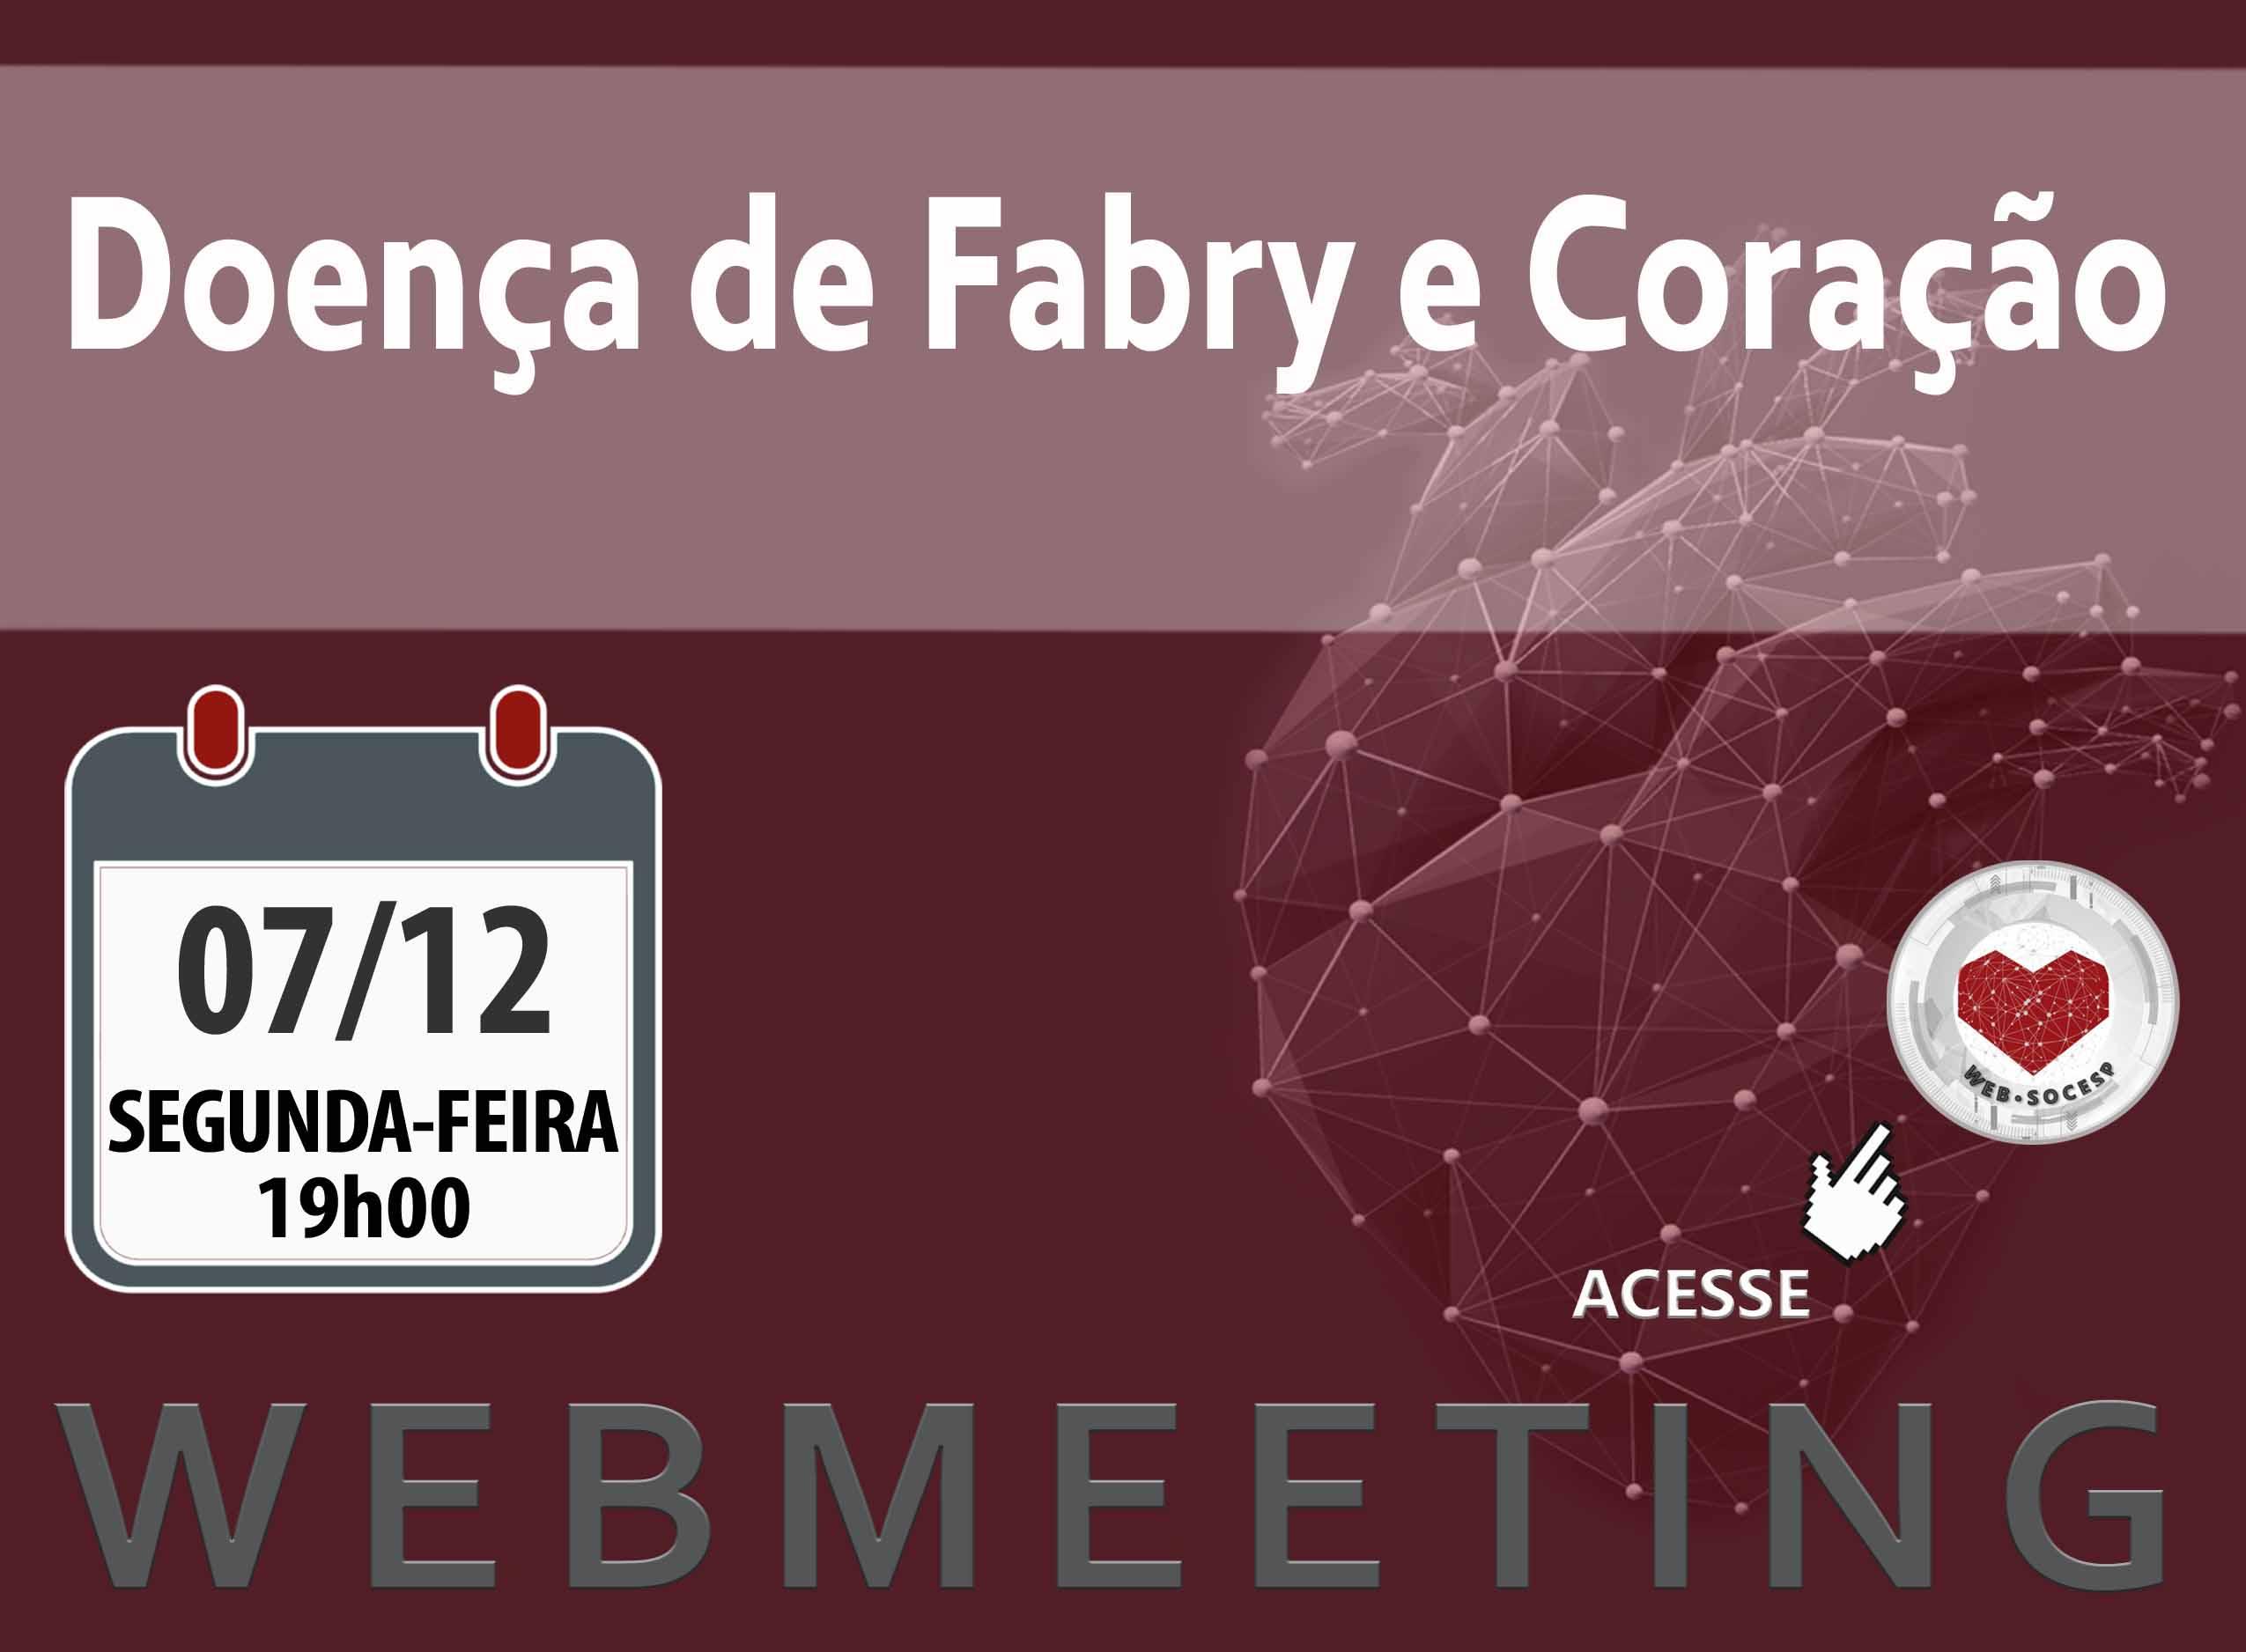 Imagem DOENÇA DE FABRY E CORAÇÃO